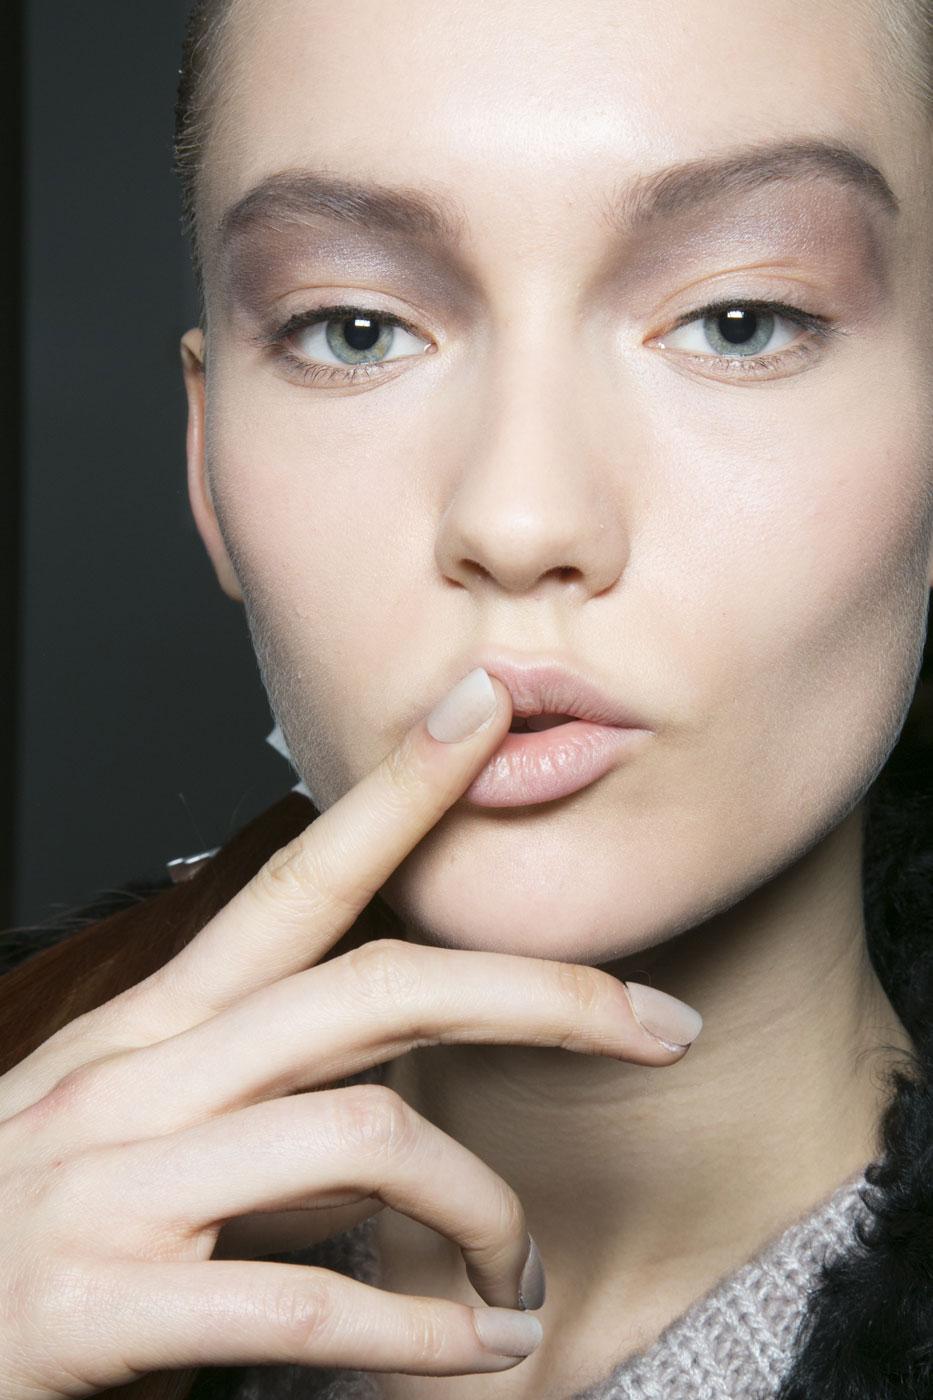 Mannequin Nails